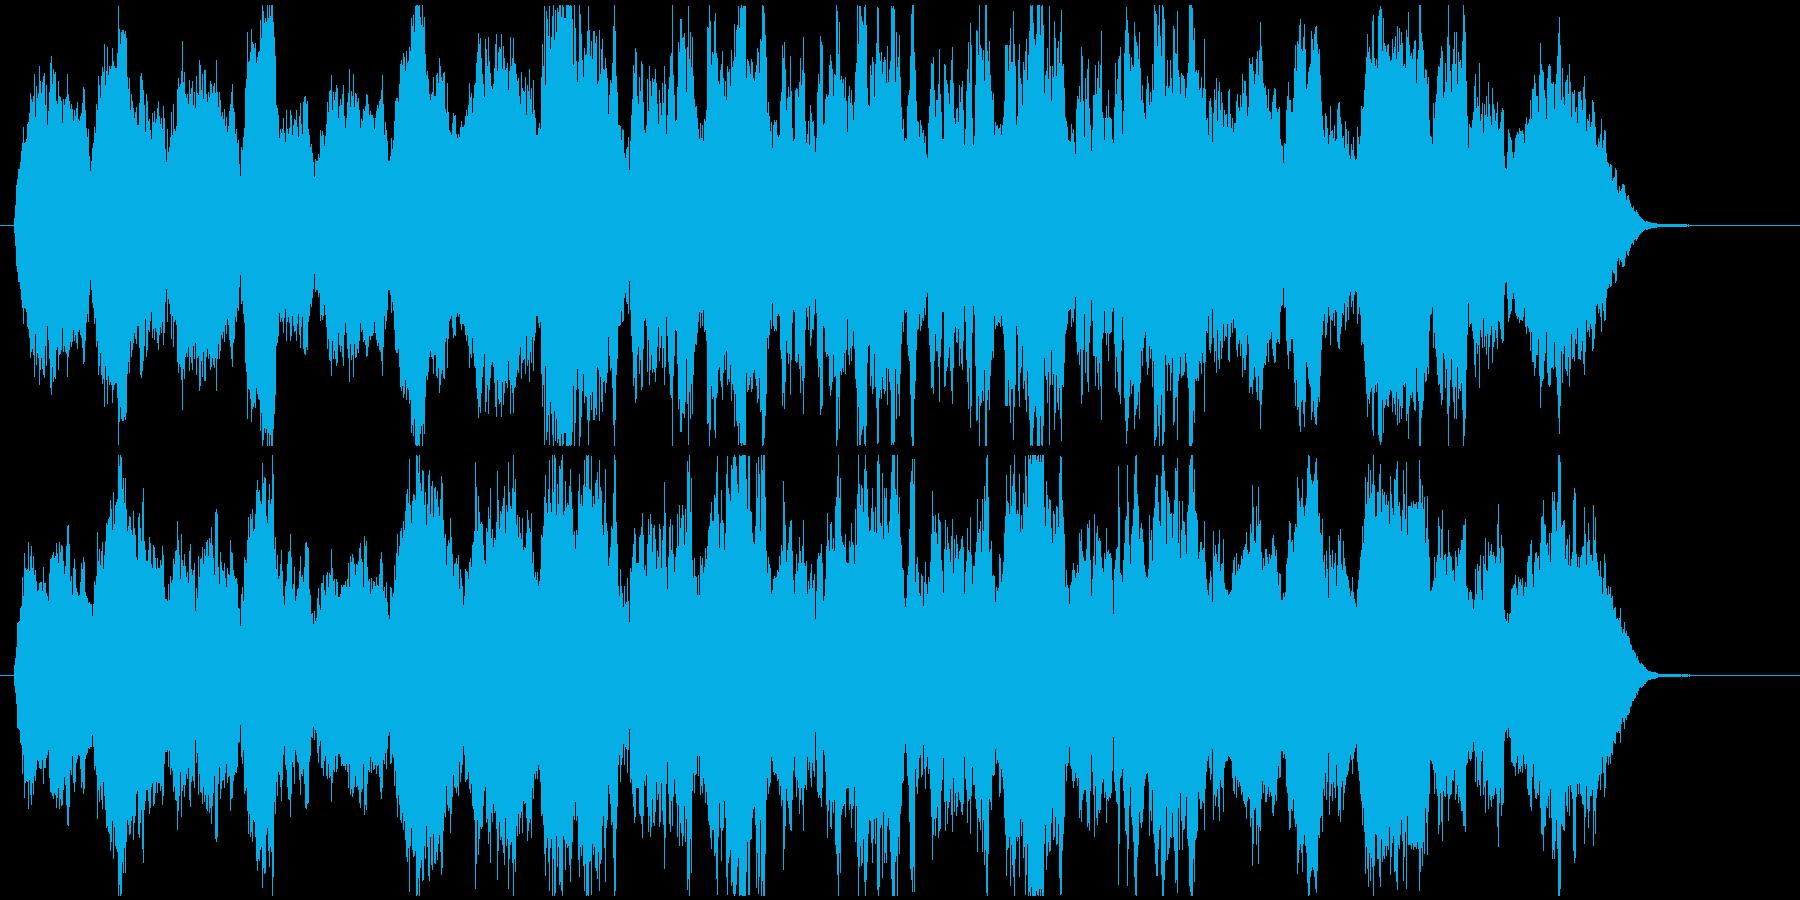 暗いストリングスとリズムの再生済みの波形